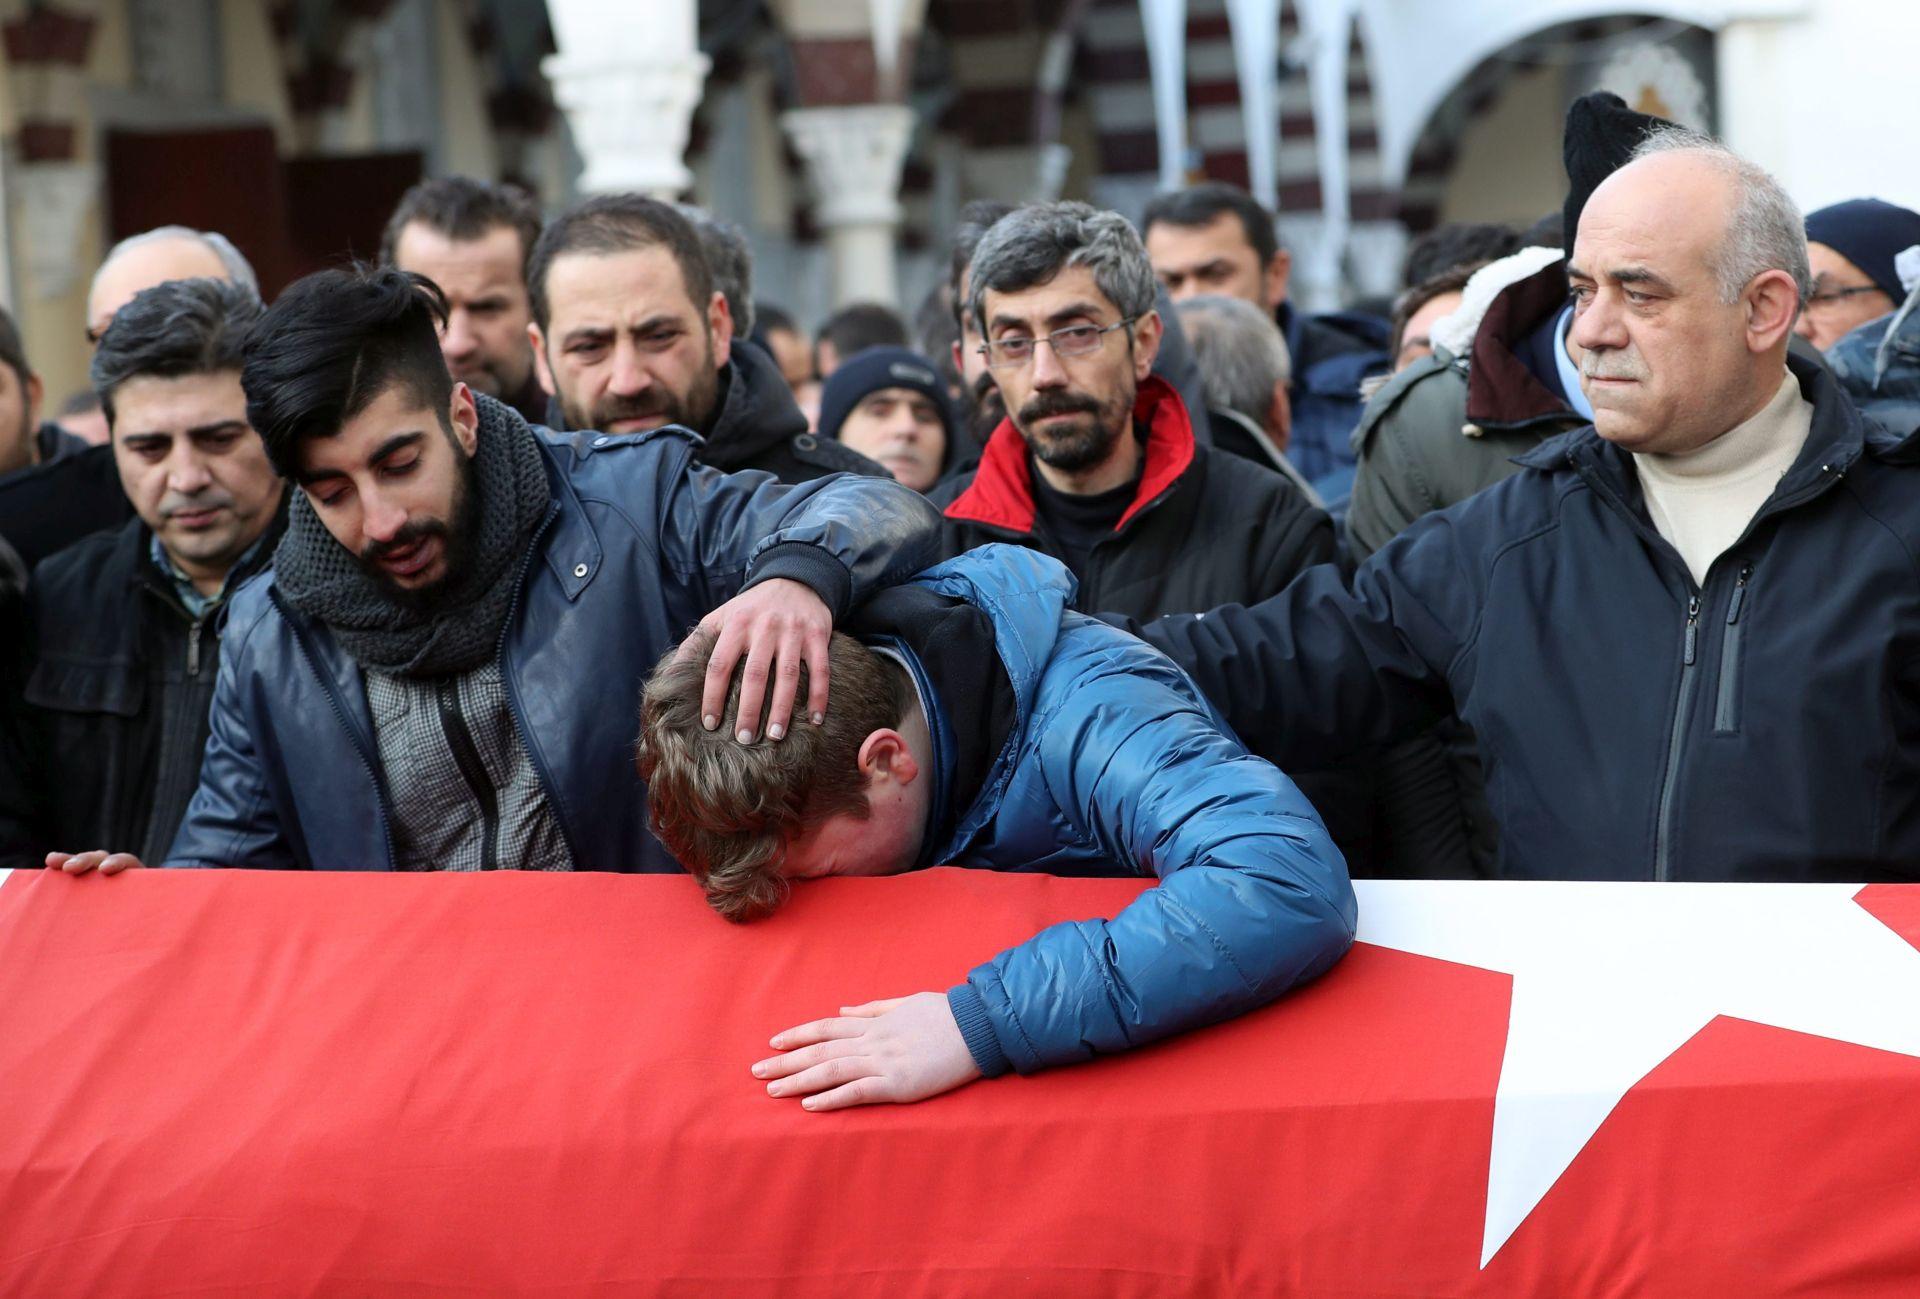 POTRAGA ZA NAPADAČEM U TIJEKU Motiv nepoznat, prvo ubijen policajac koji je preživio napad na stadion Bešiktaša